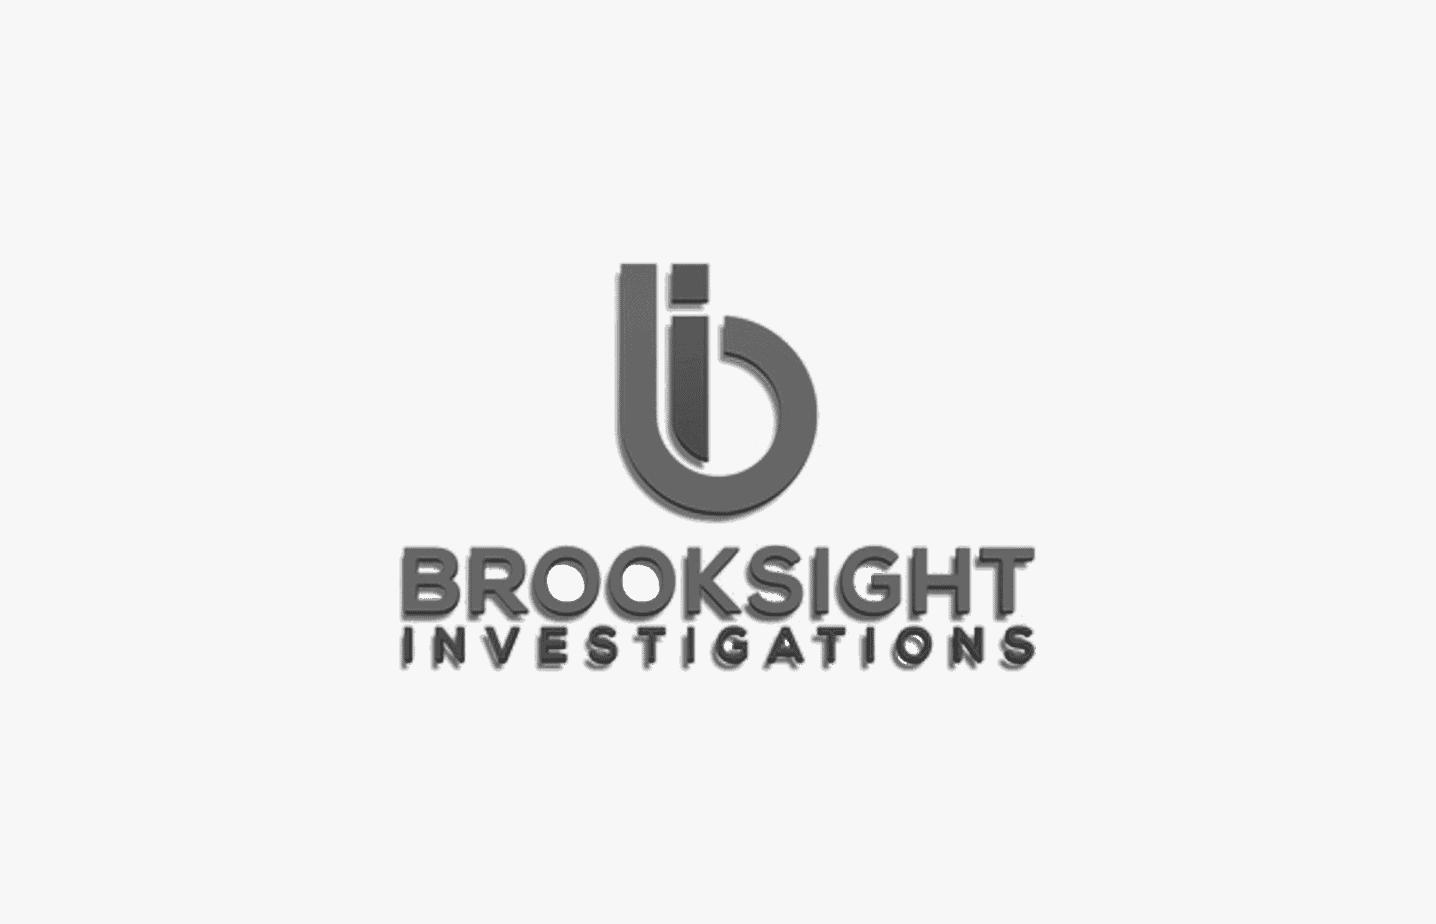 Brooksight Investigations